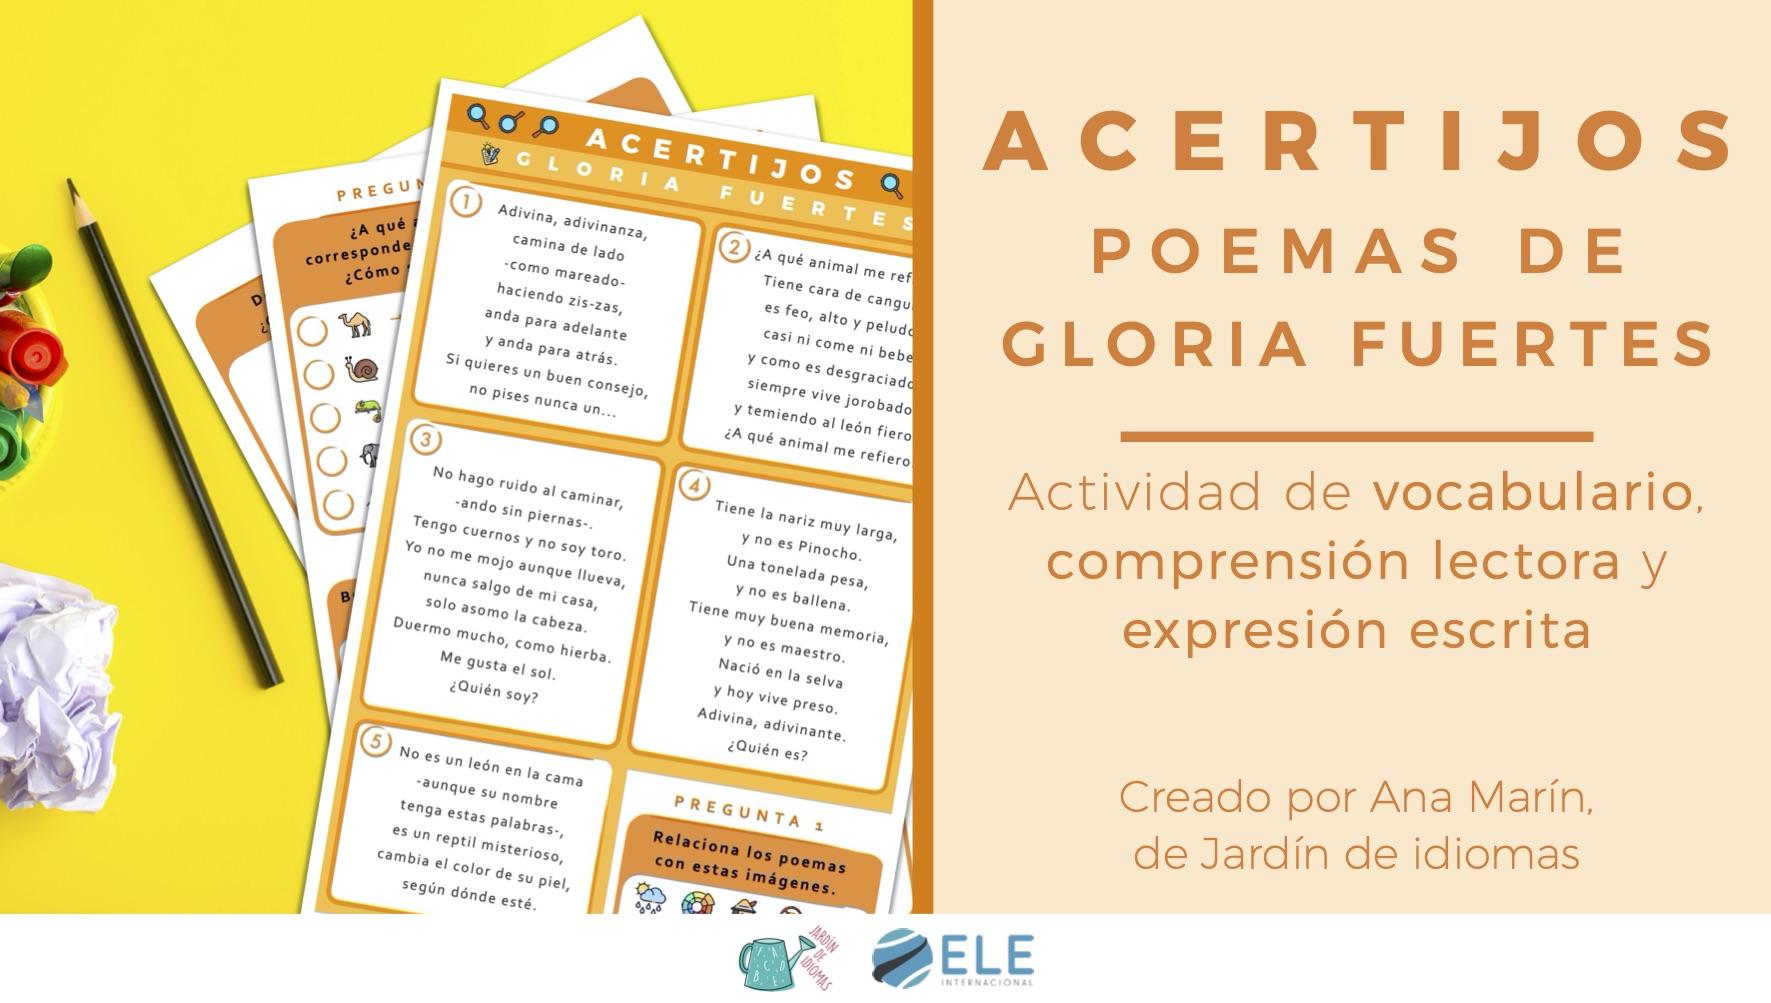 Actividad acertijos y poemas de animales de Gloria Fuertes